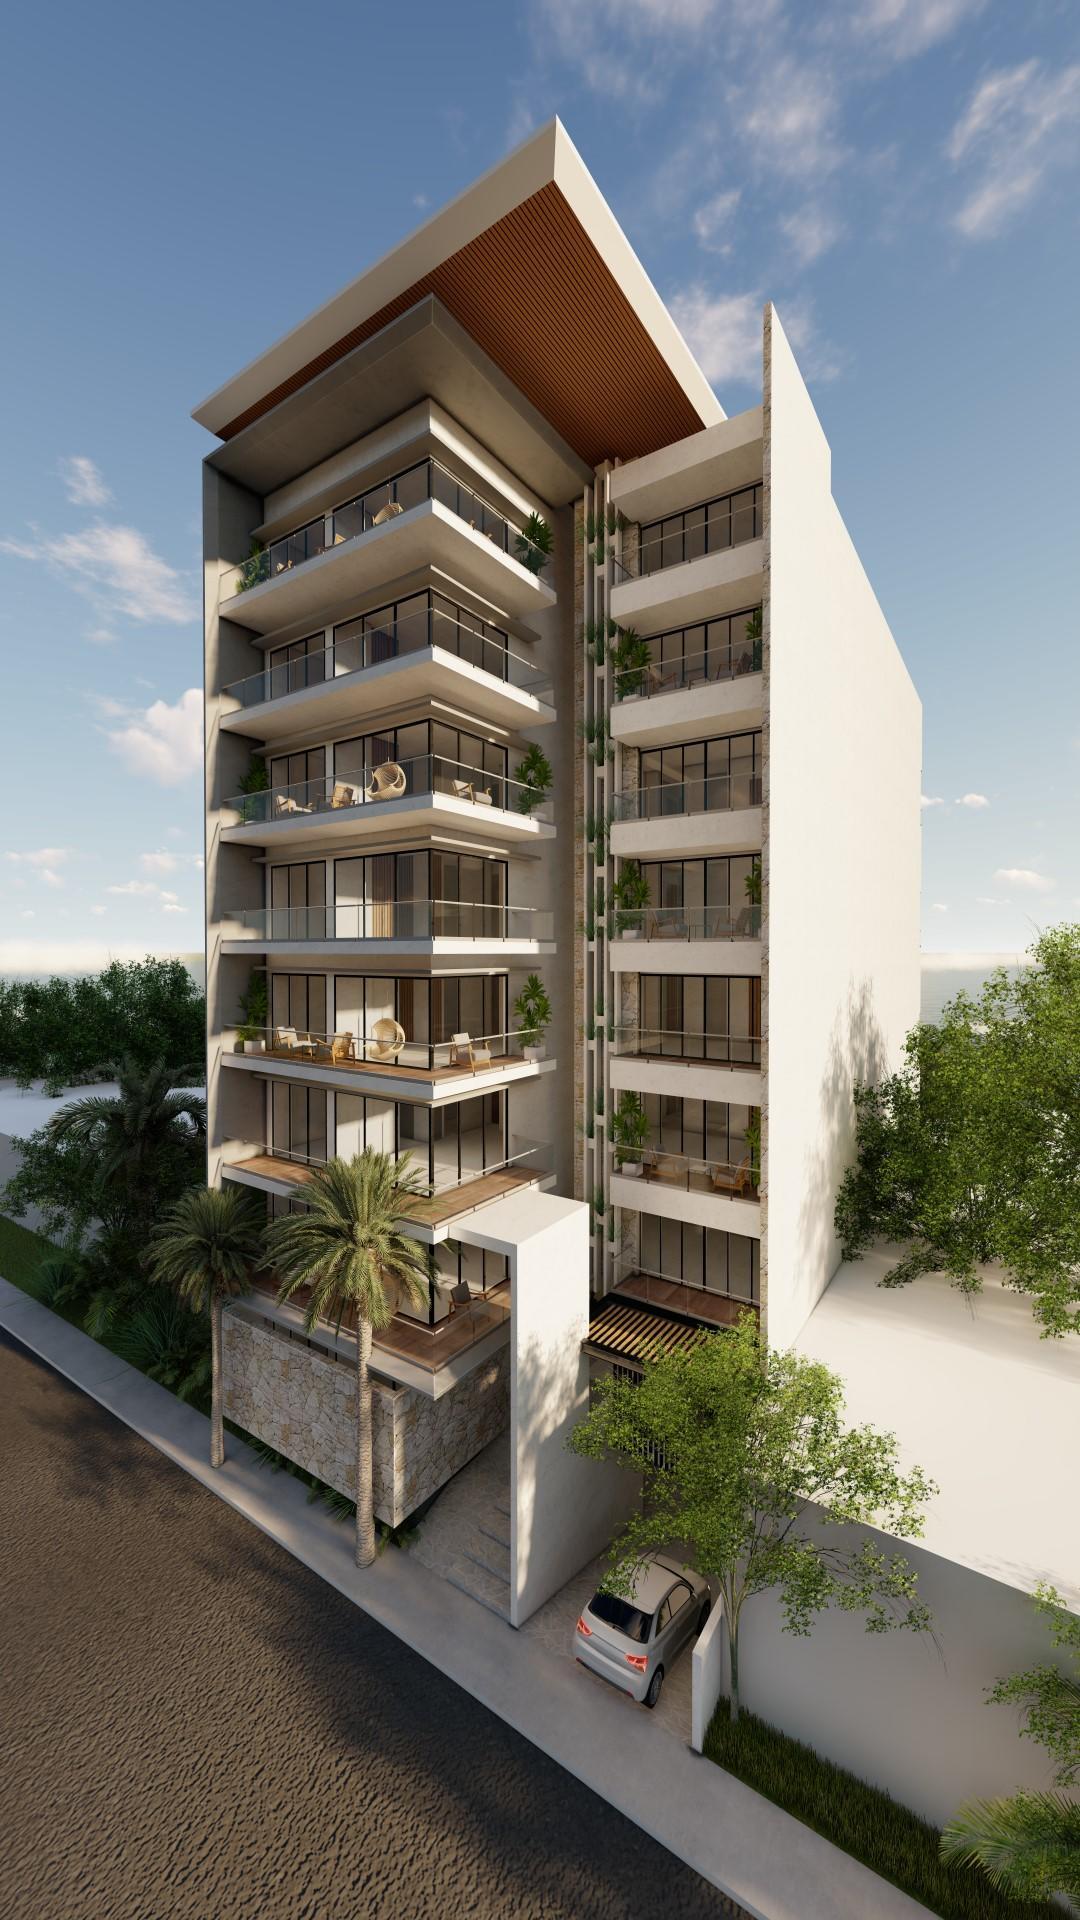 Bucerias, 2 Bedrooms Bedrooms, ,2.5 BathroomsBathrooms,Condo,For Sale,Playa Destiladeras,21525